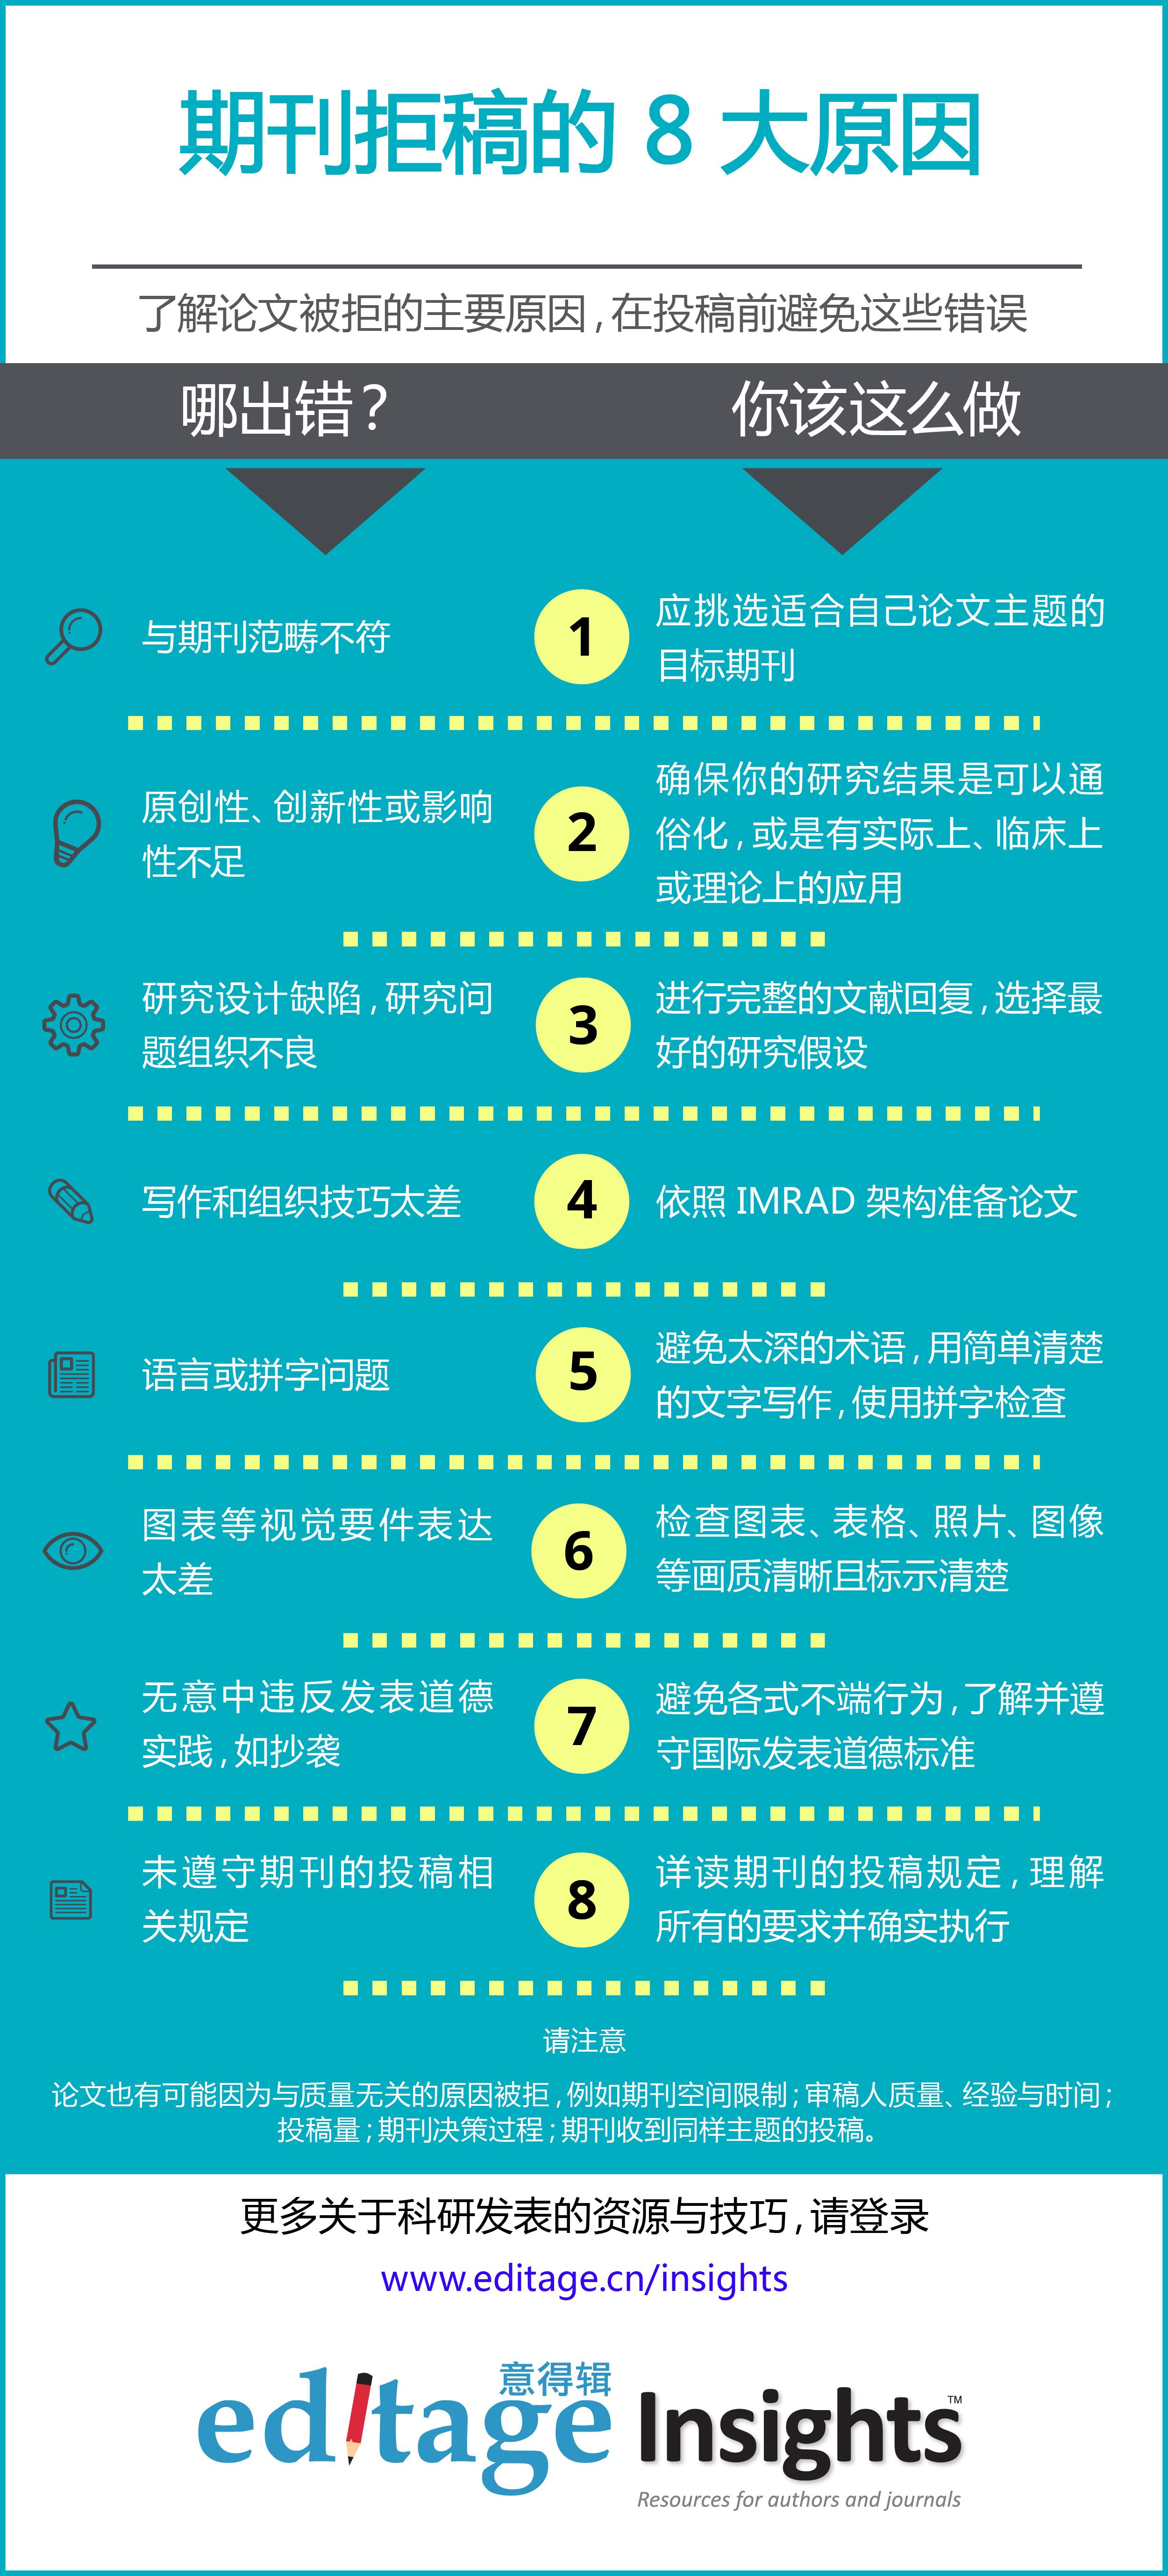 期刊拒稿的 8 个常见原因